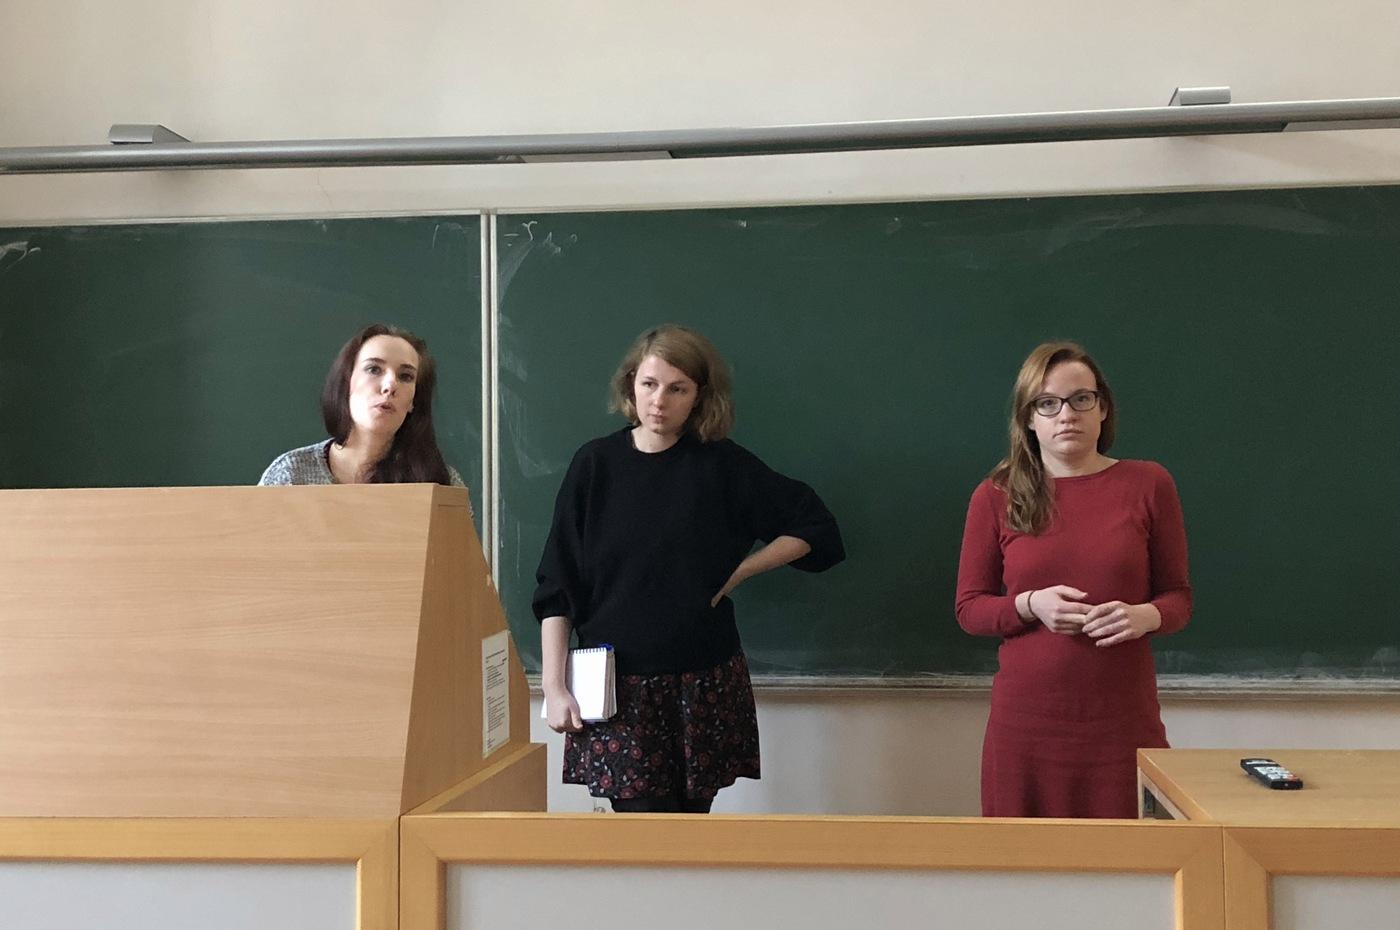 Aneta Martínková, Kateřina Nejedlá a Pavlína Plecitá